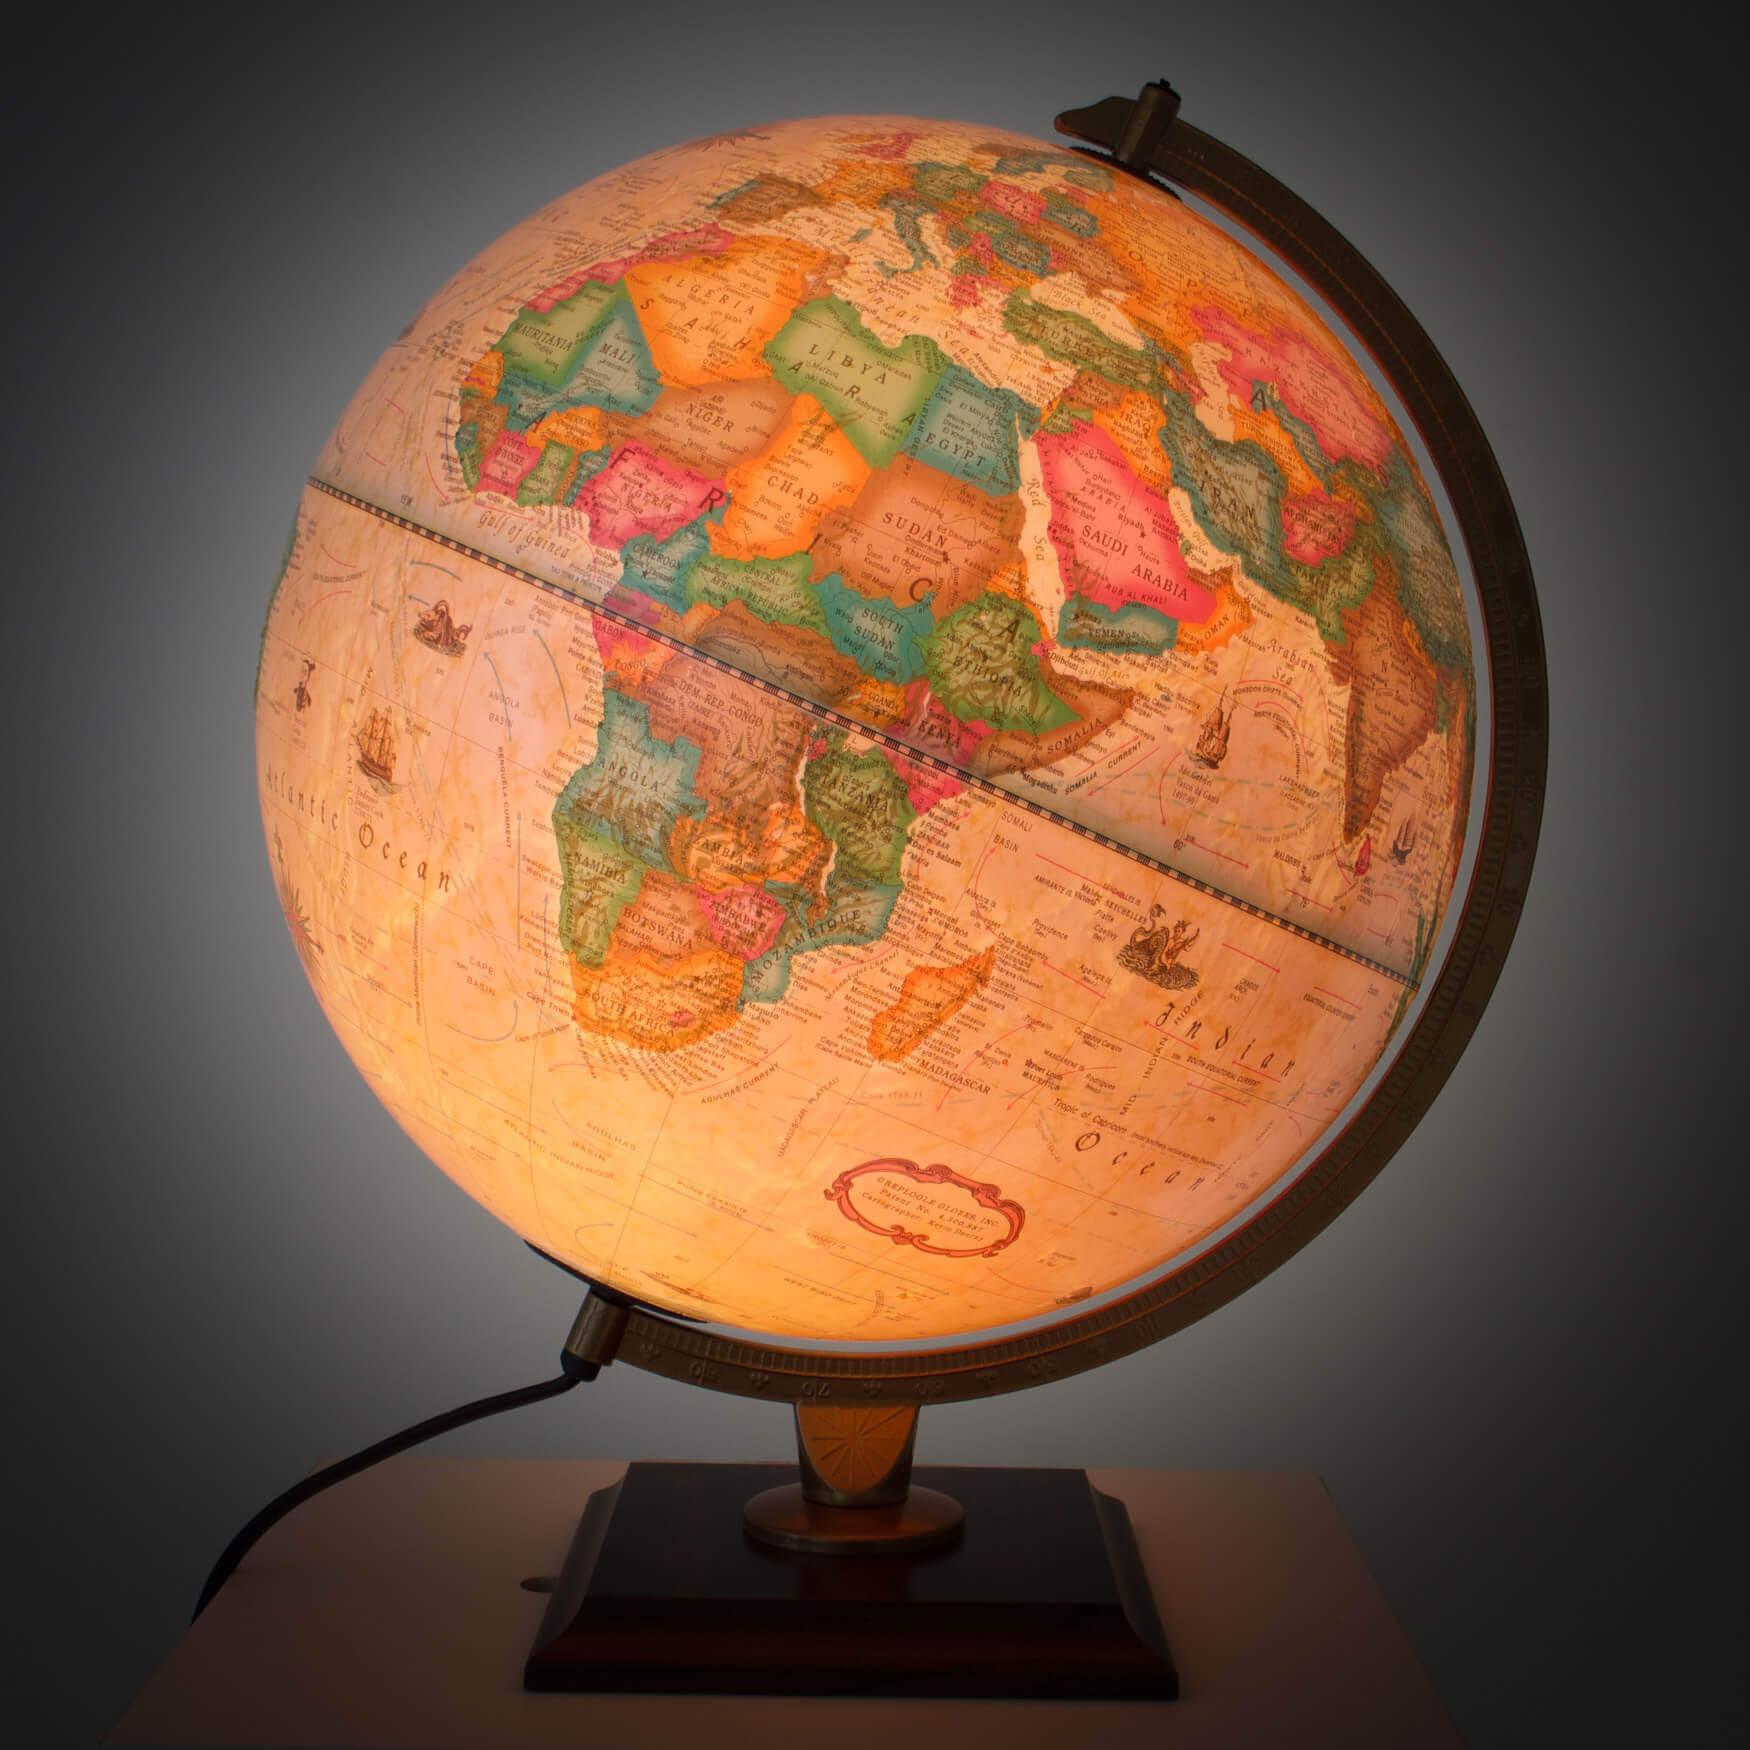 Carlyle Illuminated World Globe 30cm